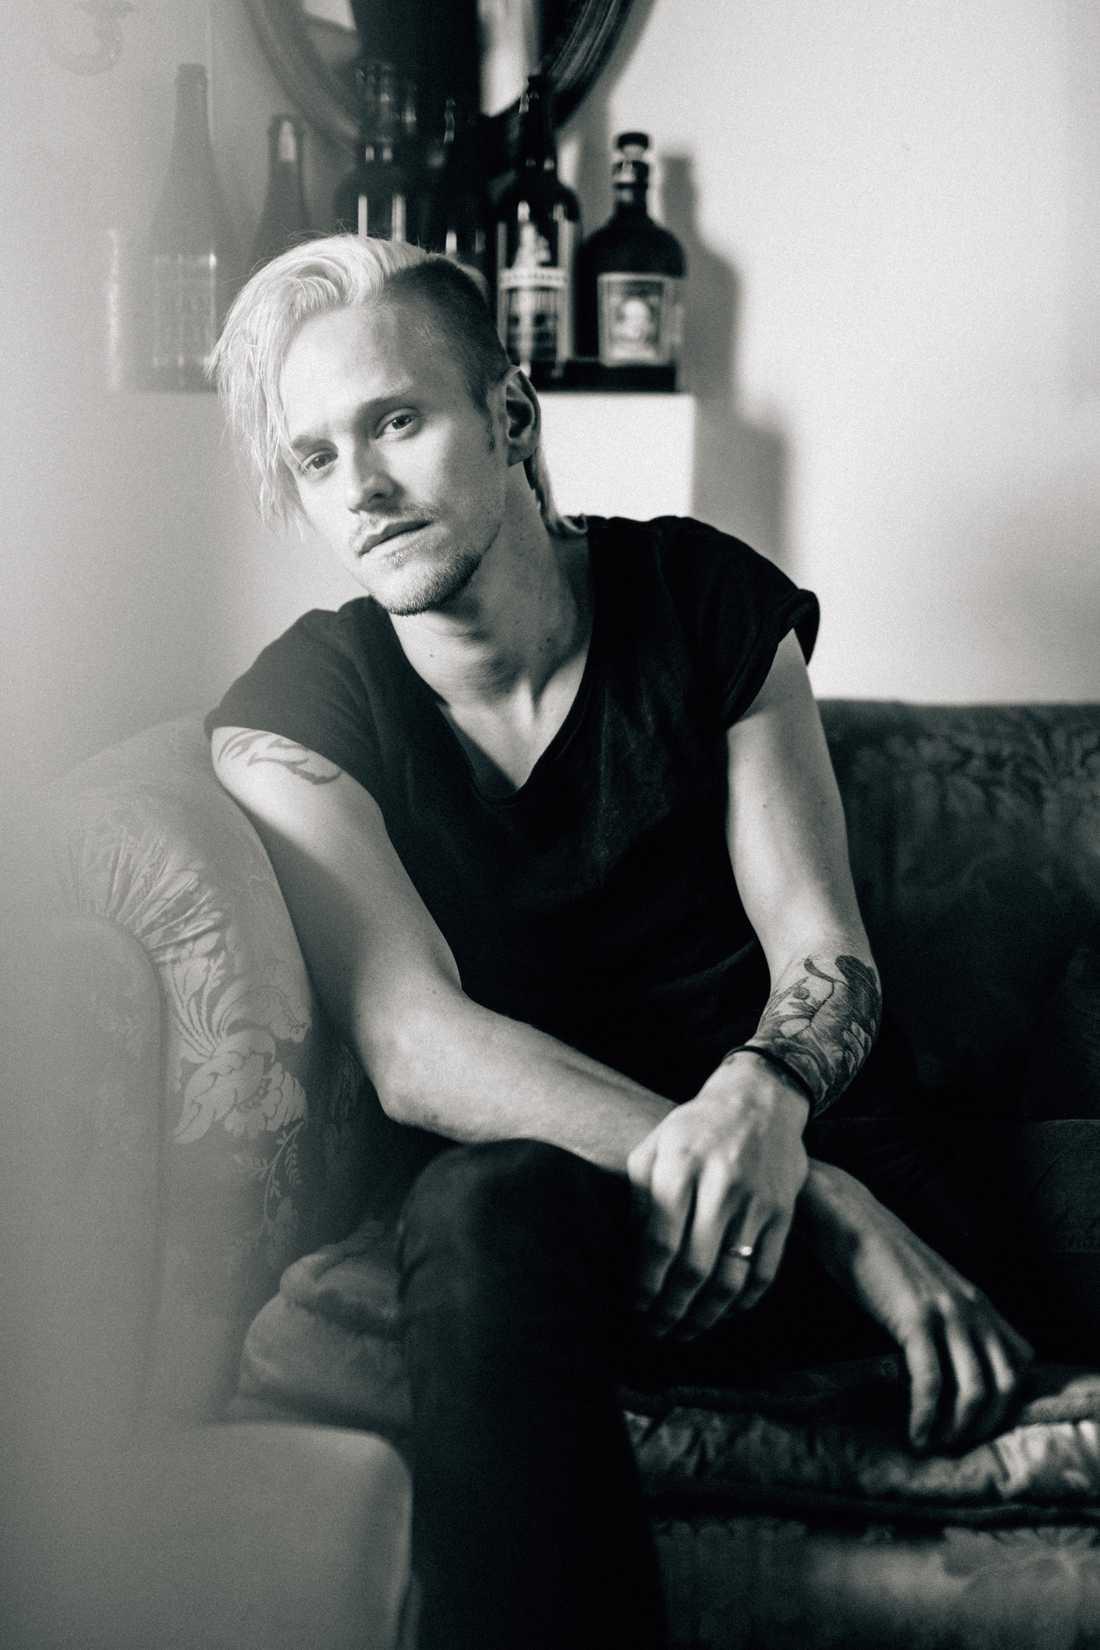 Erik Grönwall släpper en ny singel, för första gången på svenska. Pressbild.